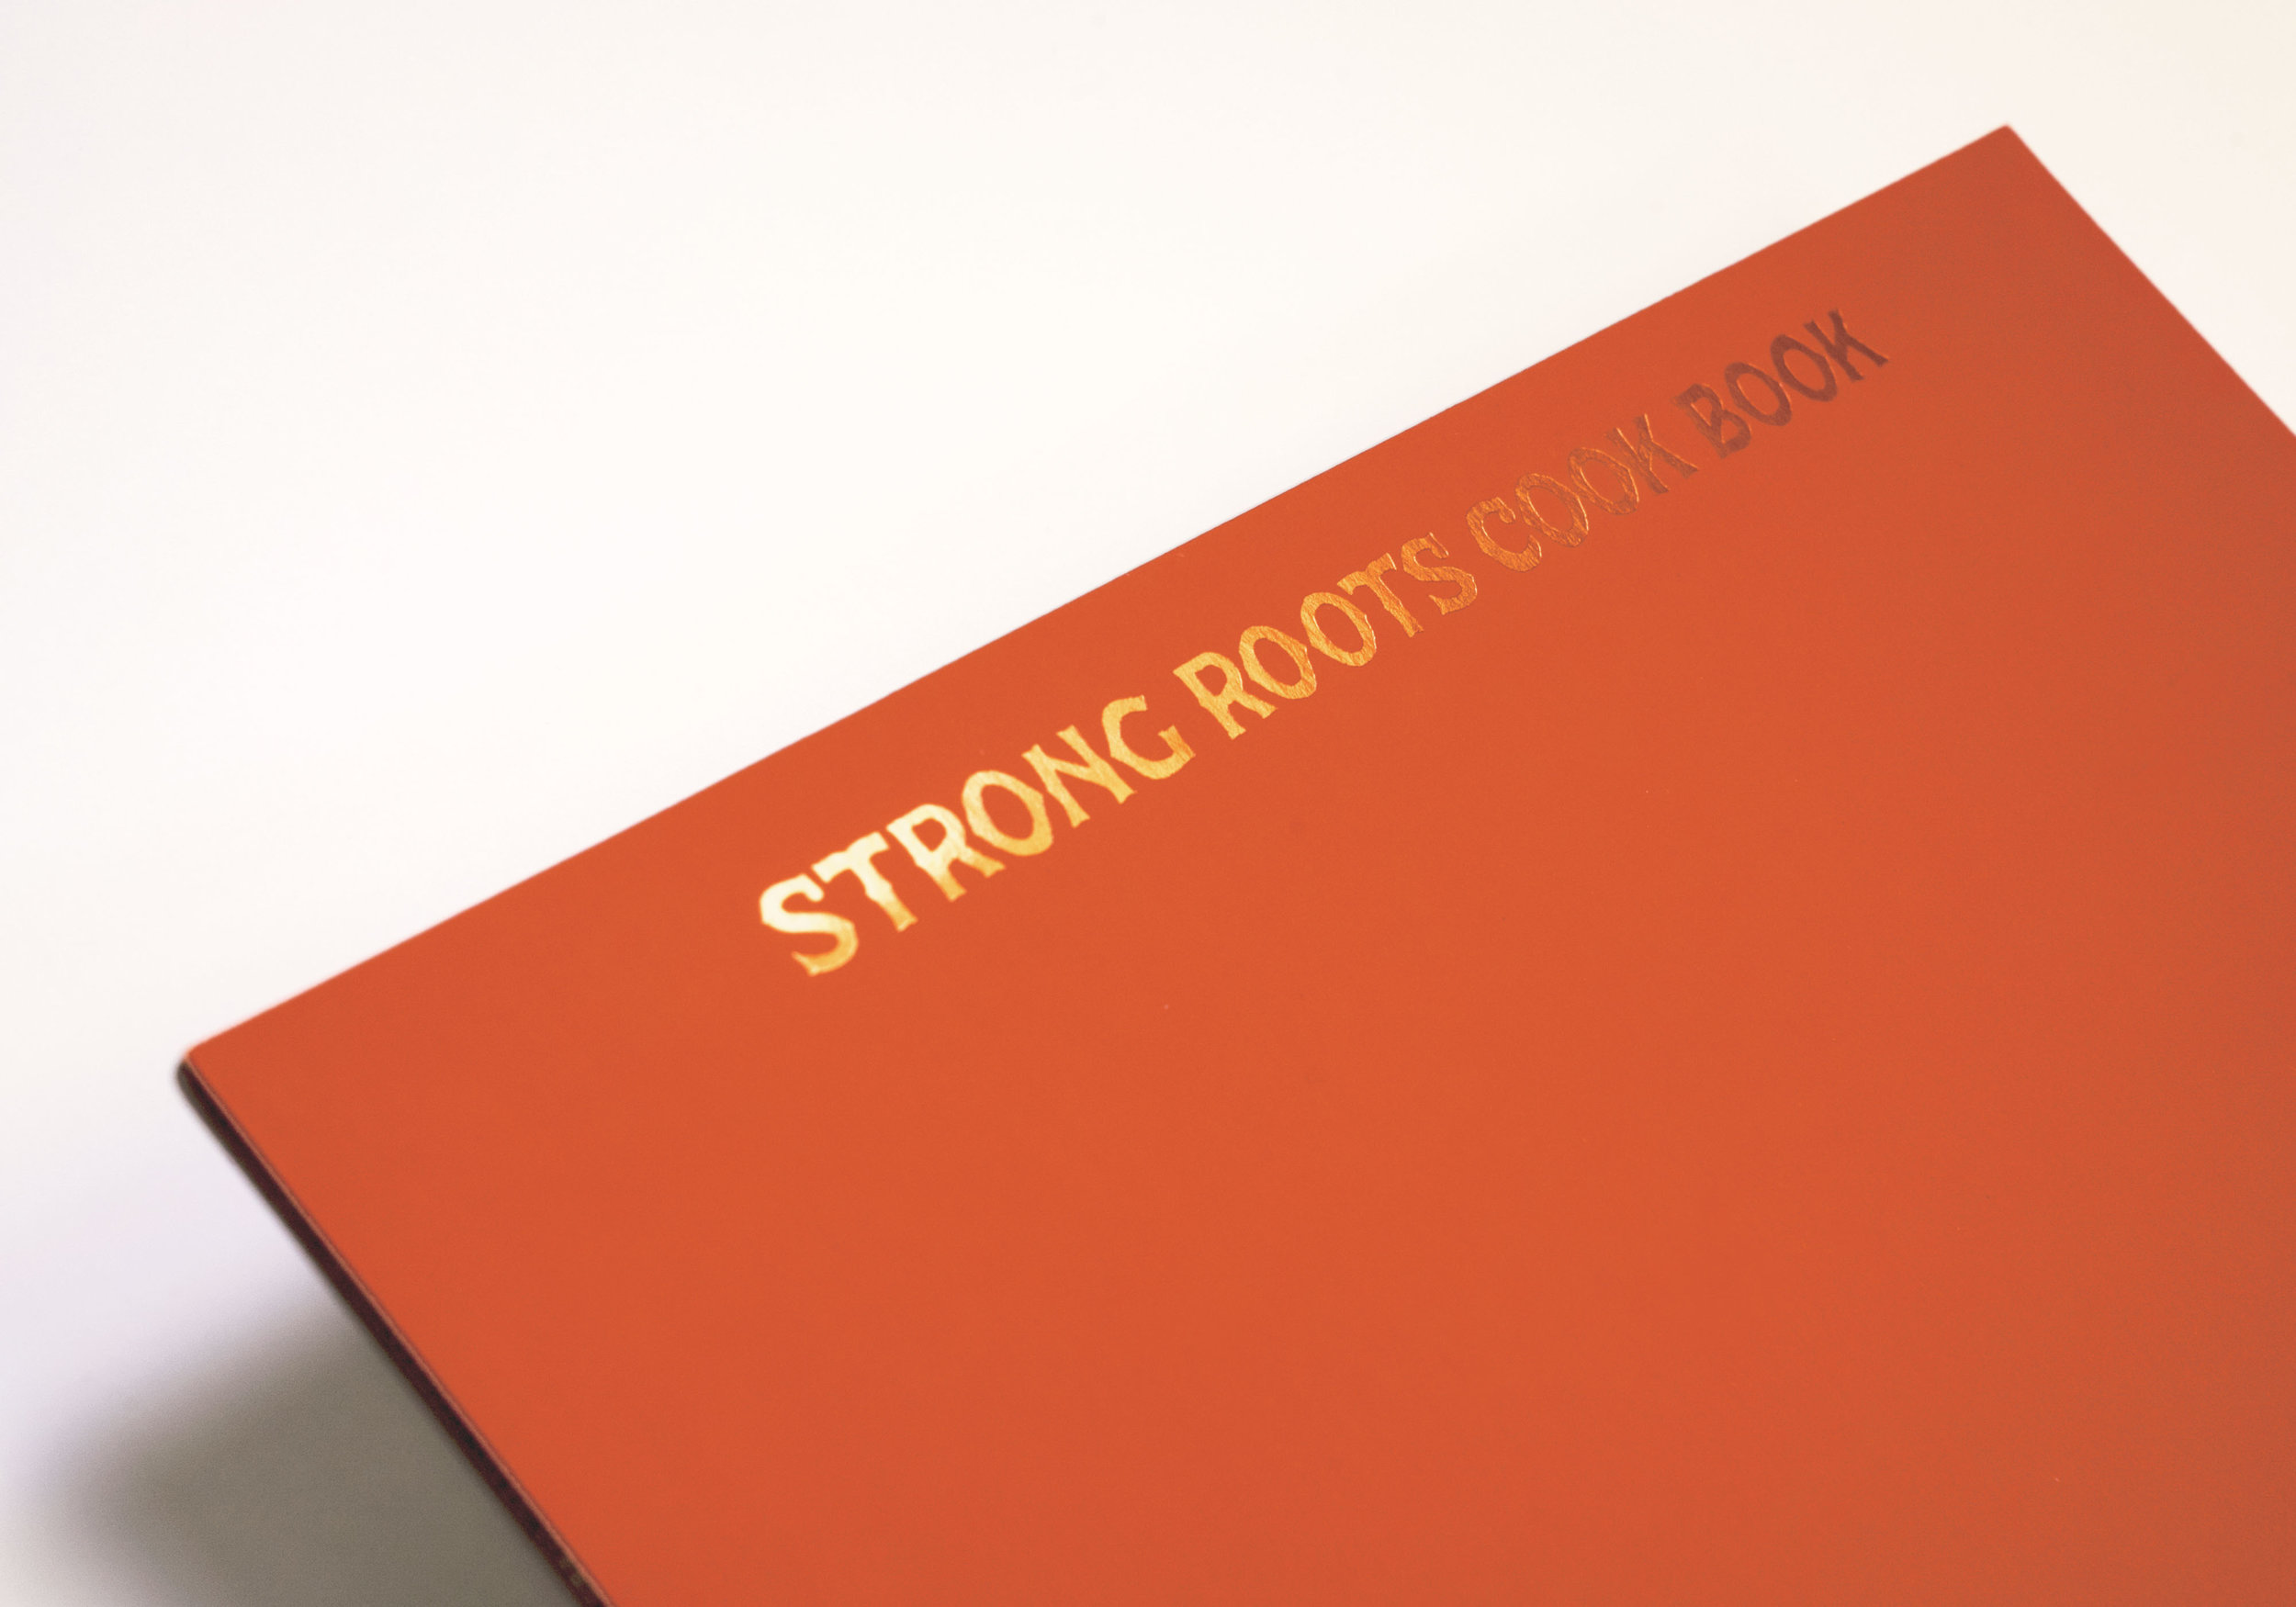 SR_Book_Stills_6.jpg